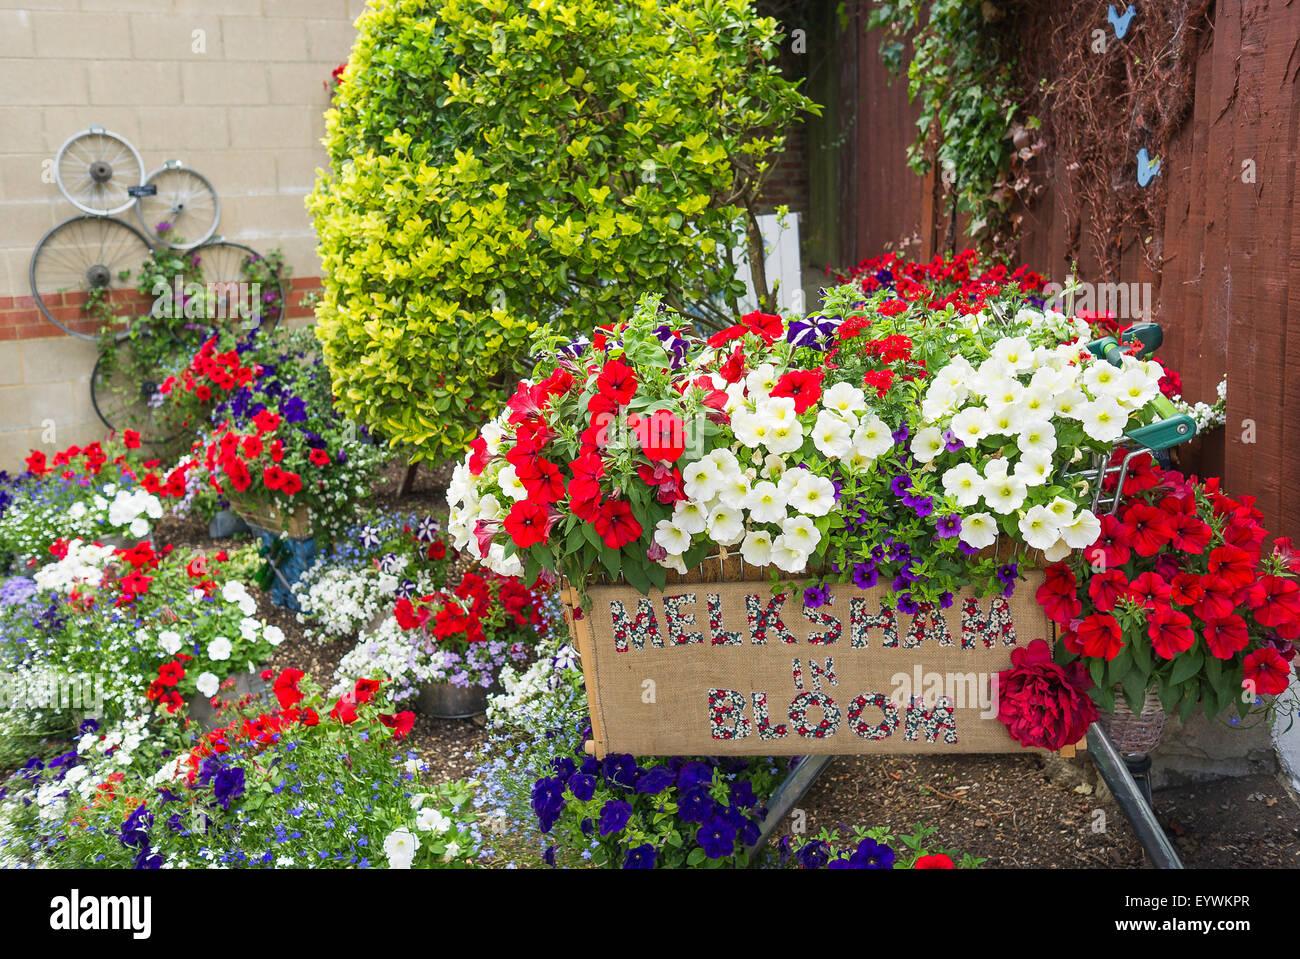 Fioriere Per Fiori ~ Fantasia di fiori ornamentali giardino composto da materiali